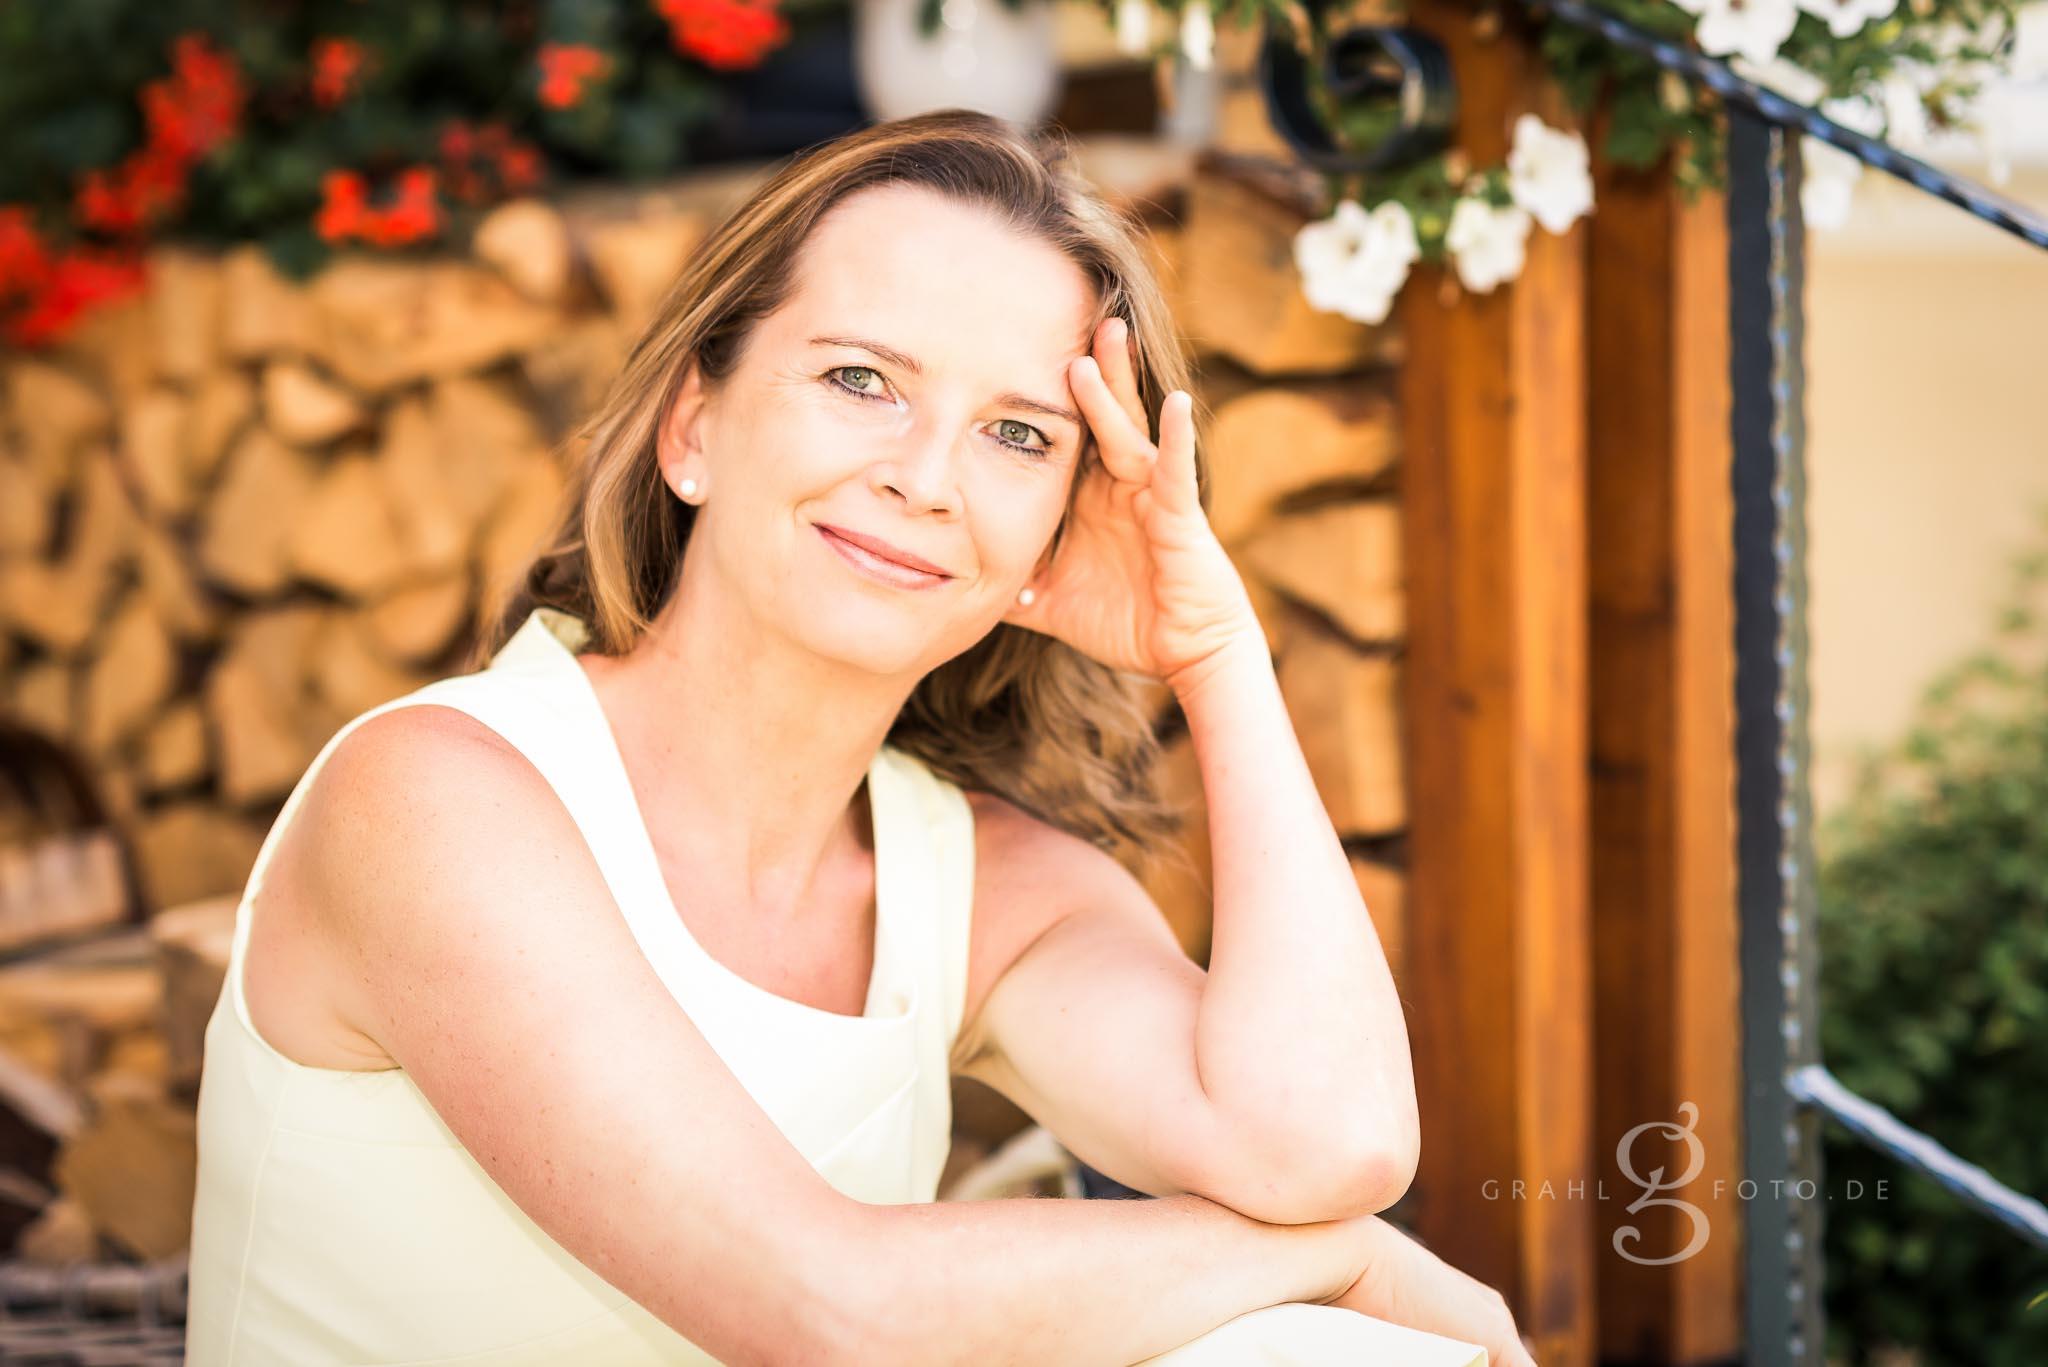 Balance Naturkosmetik Gesundheitspraxis Simone Schicht Portrait